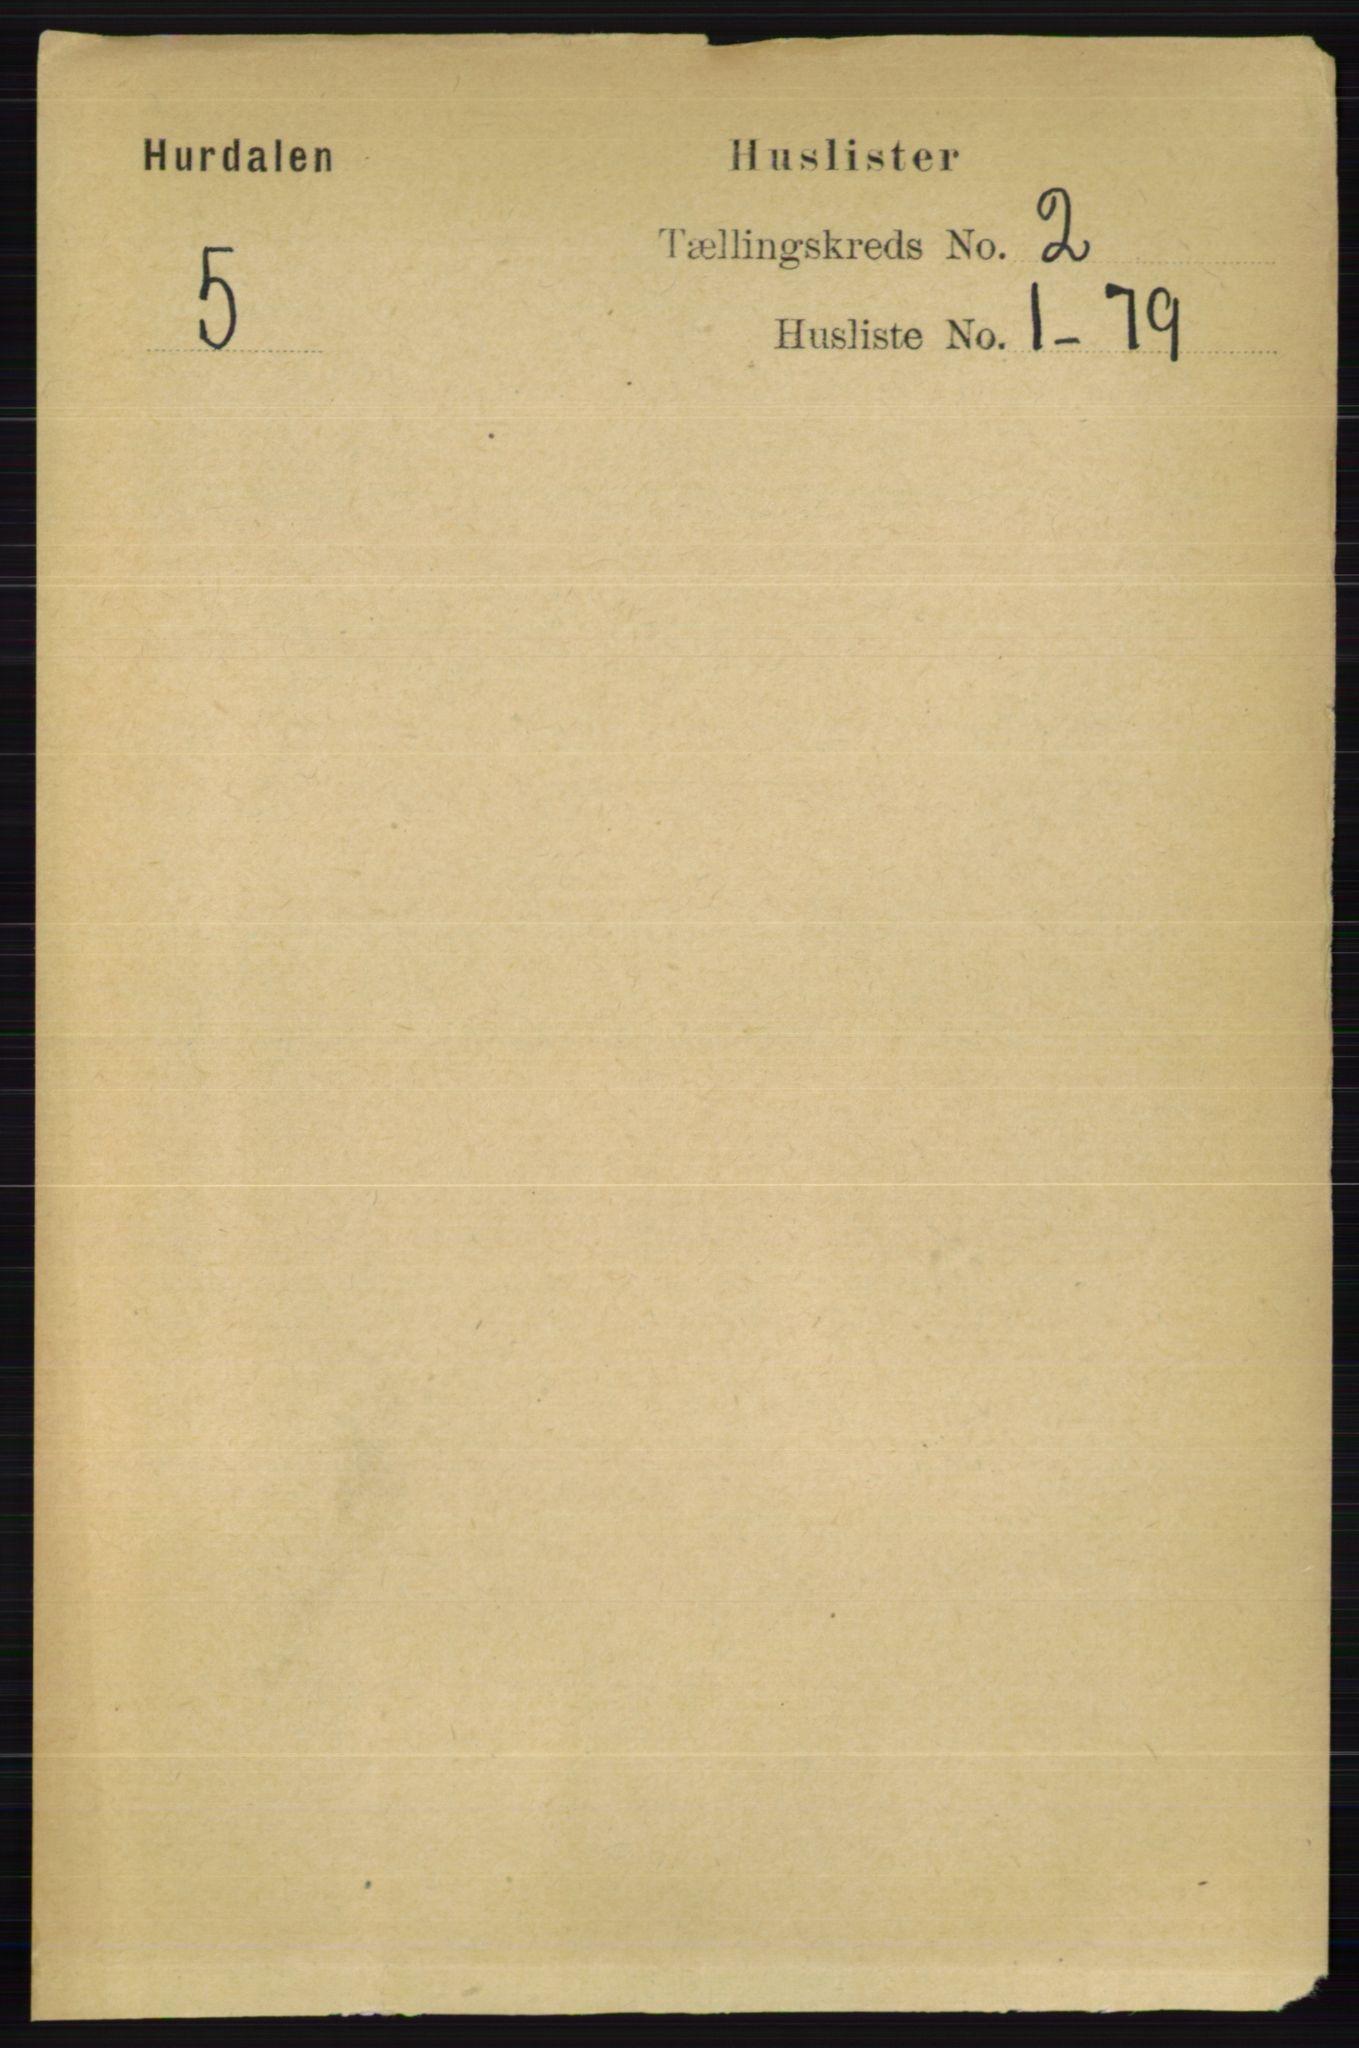 RA, Folketelling 1891 for 0239 Hurdal herred, 1891, s. 442